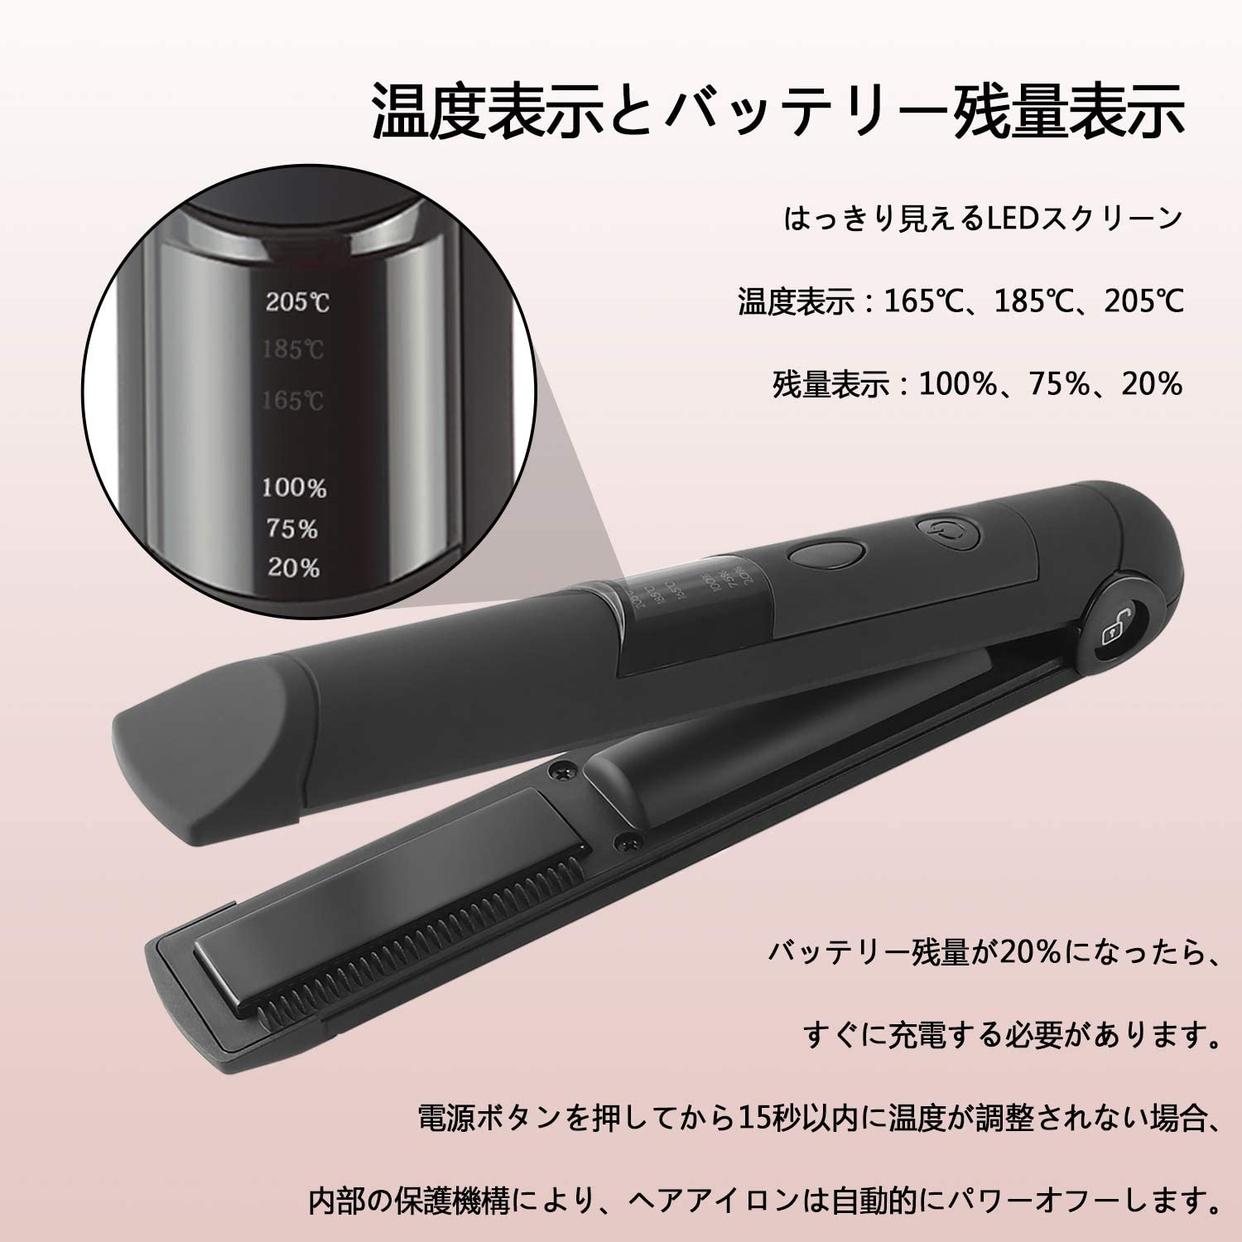 SHARE BEAUTY(シェアビューティー) コードレスヘアアイロンの商品画像3